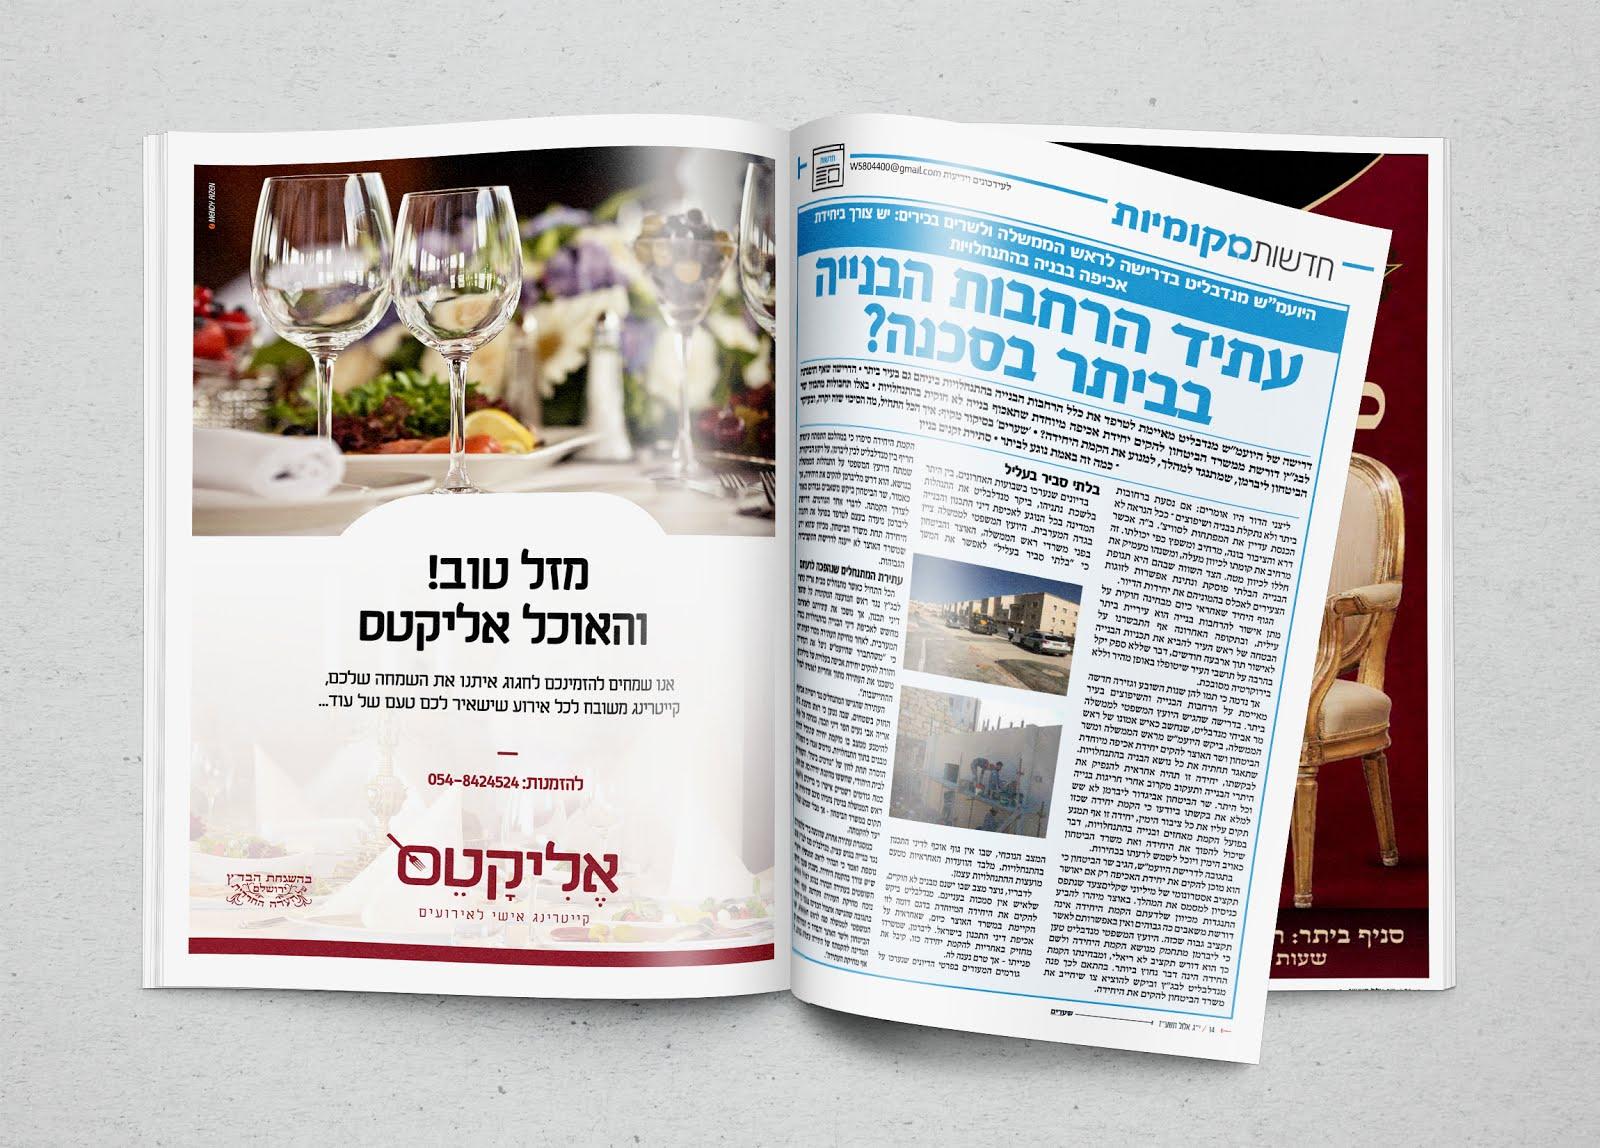 פרסומת אליקטס - פרסום בעיתונים - מעצבת גרפית